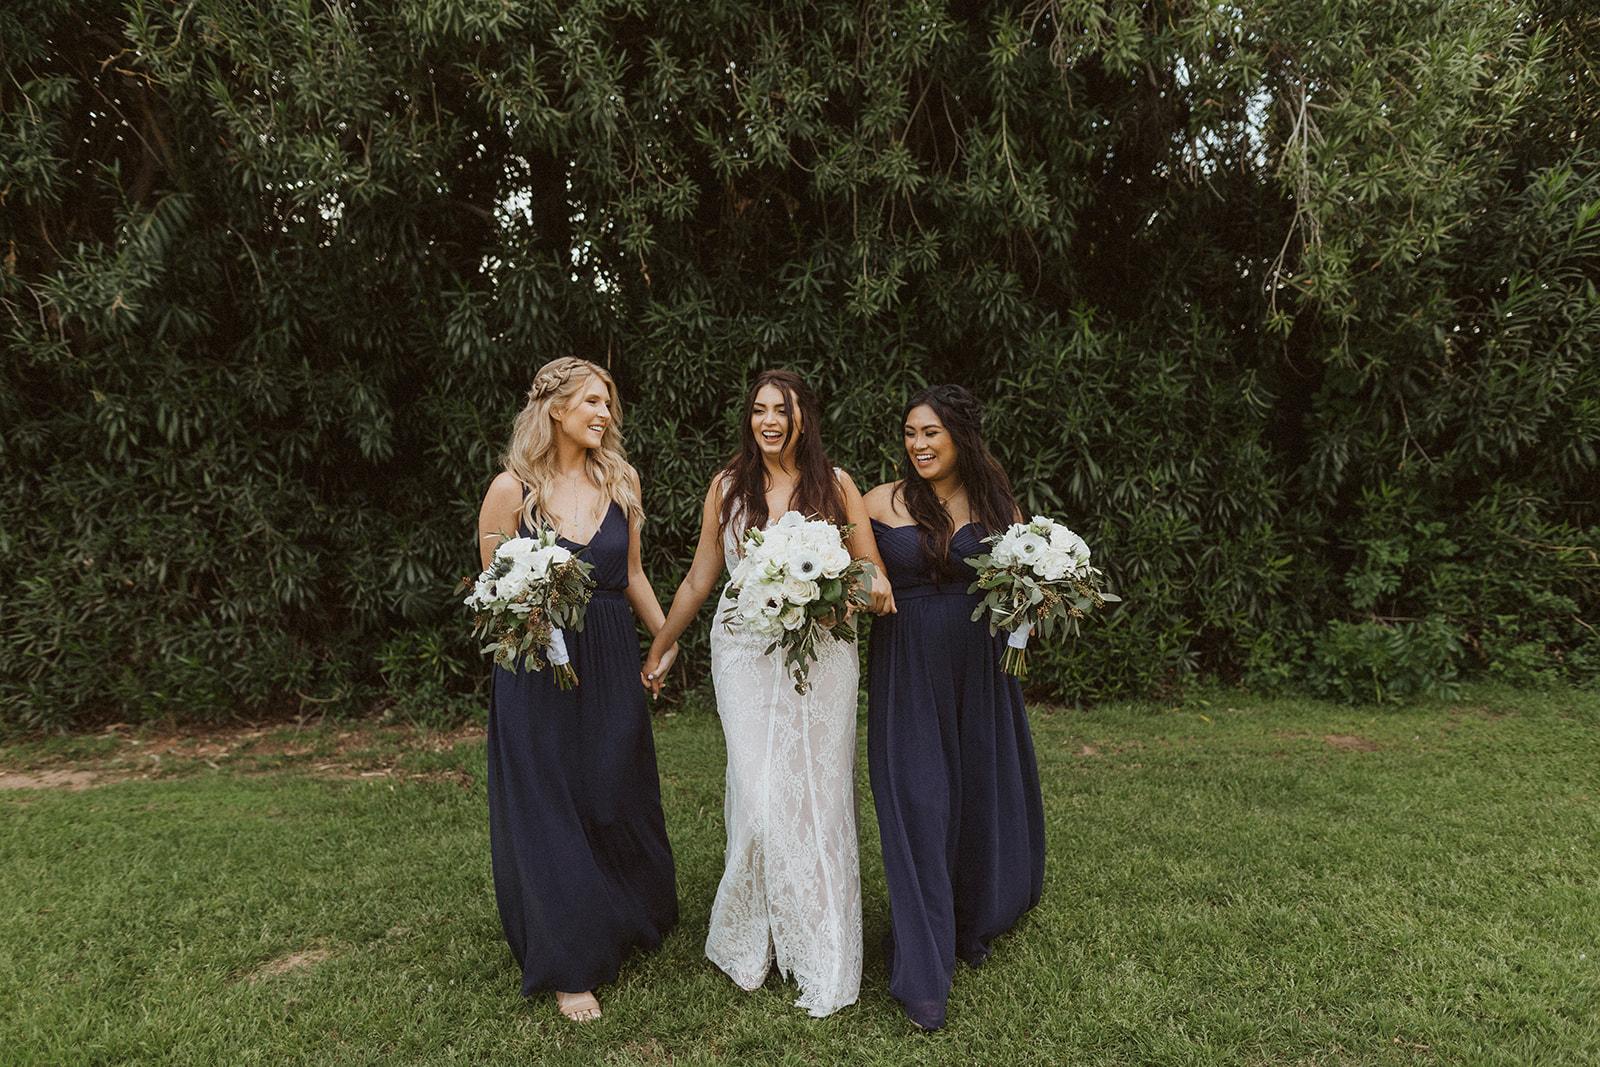 bridesmaids_and_bride_laughing.jpeg